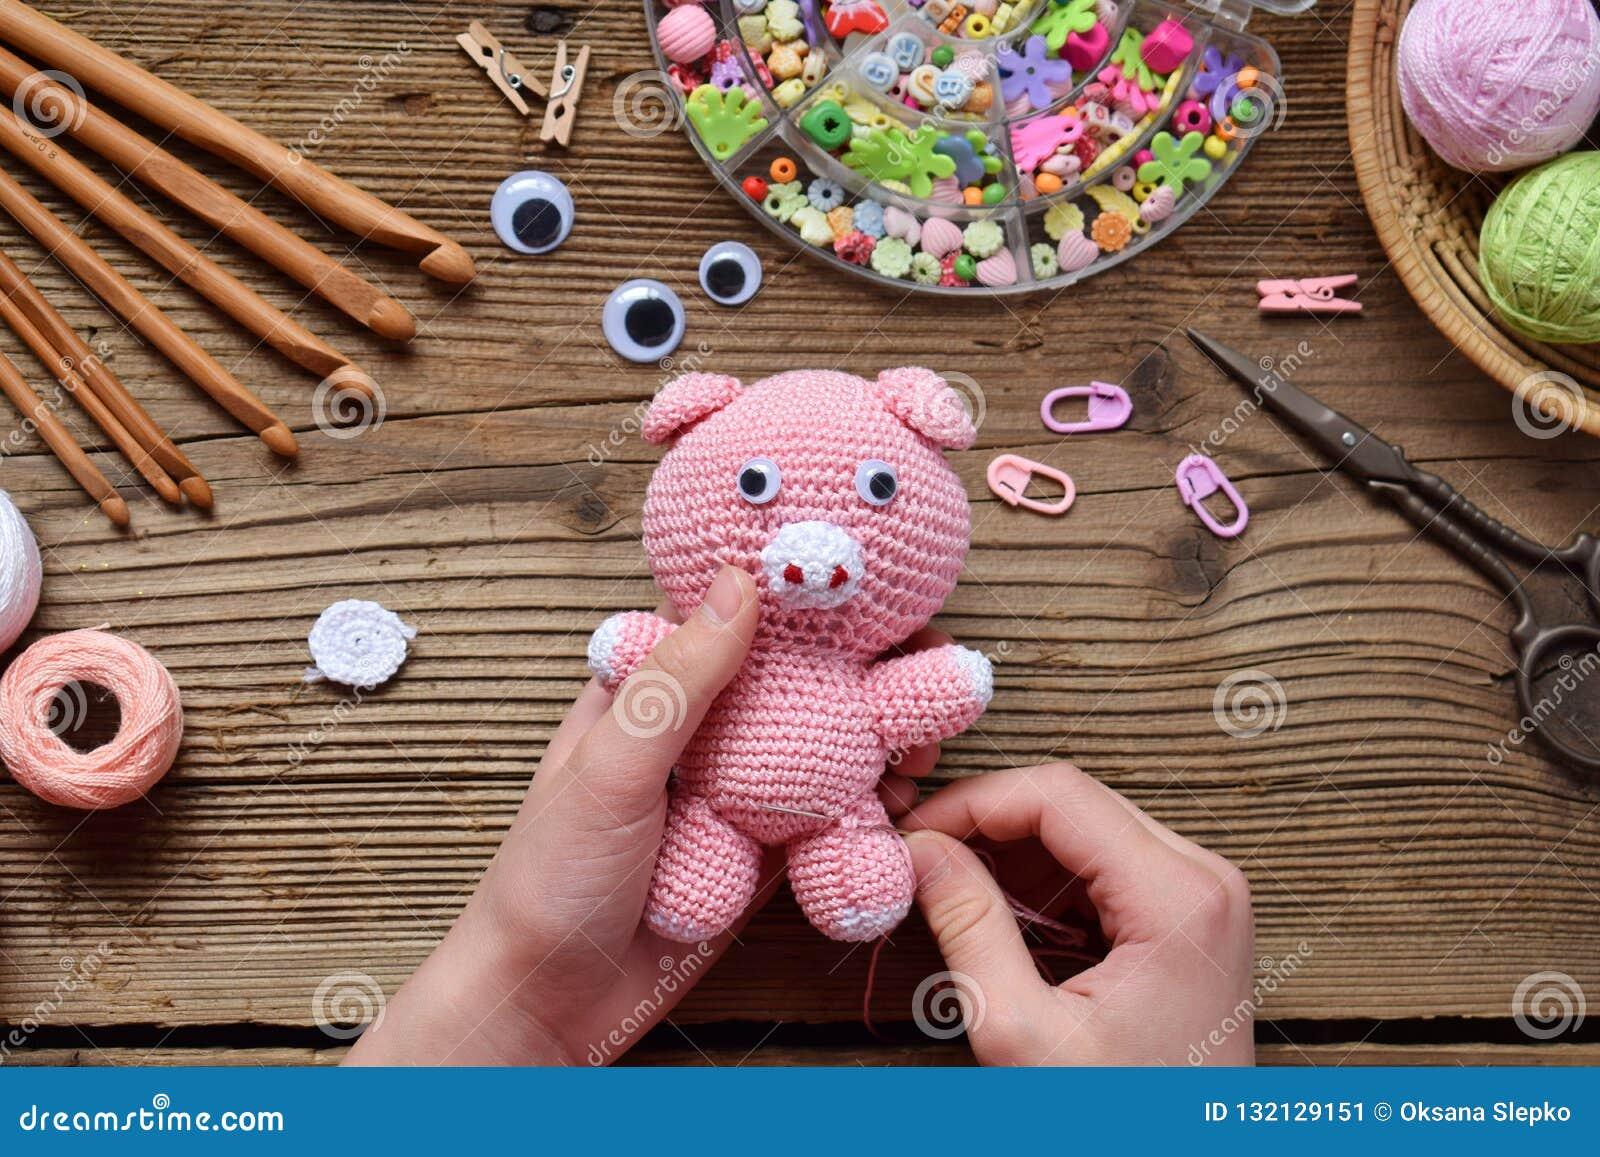 Fabrication du porc rose Faites du crochet le jouet pour l enfant Sur la table filète, des aiguilles, crochet, fils de coton Étap